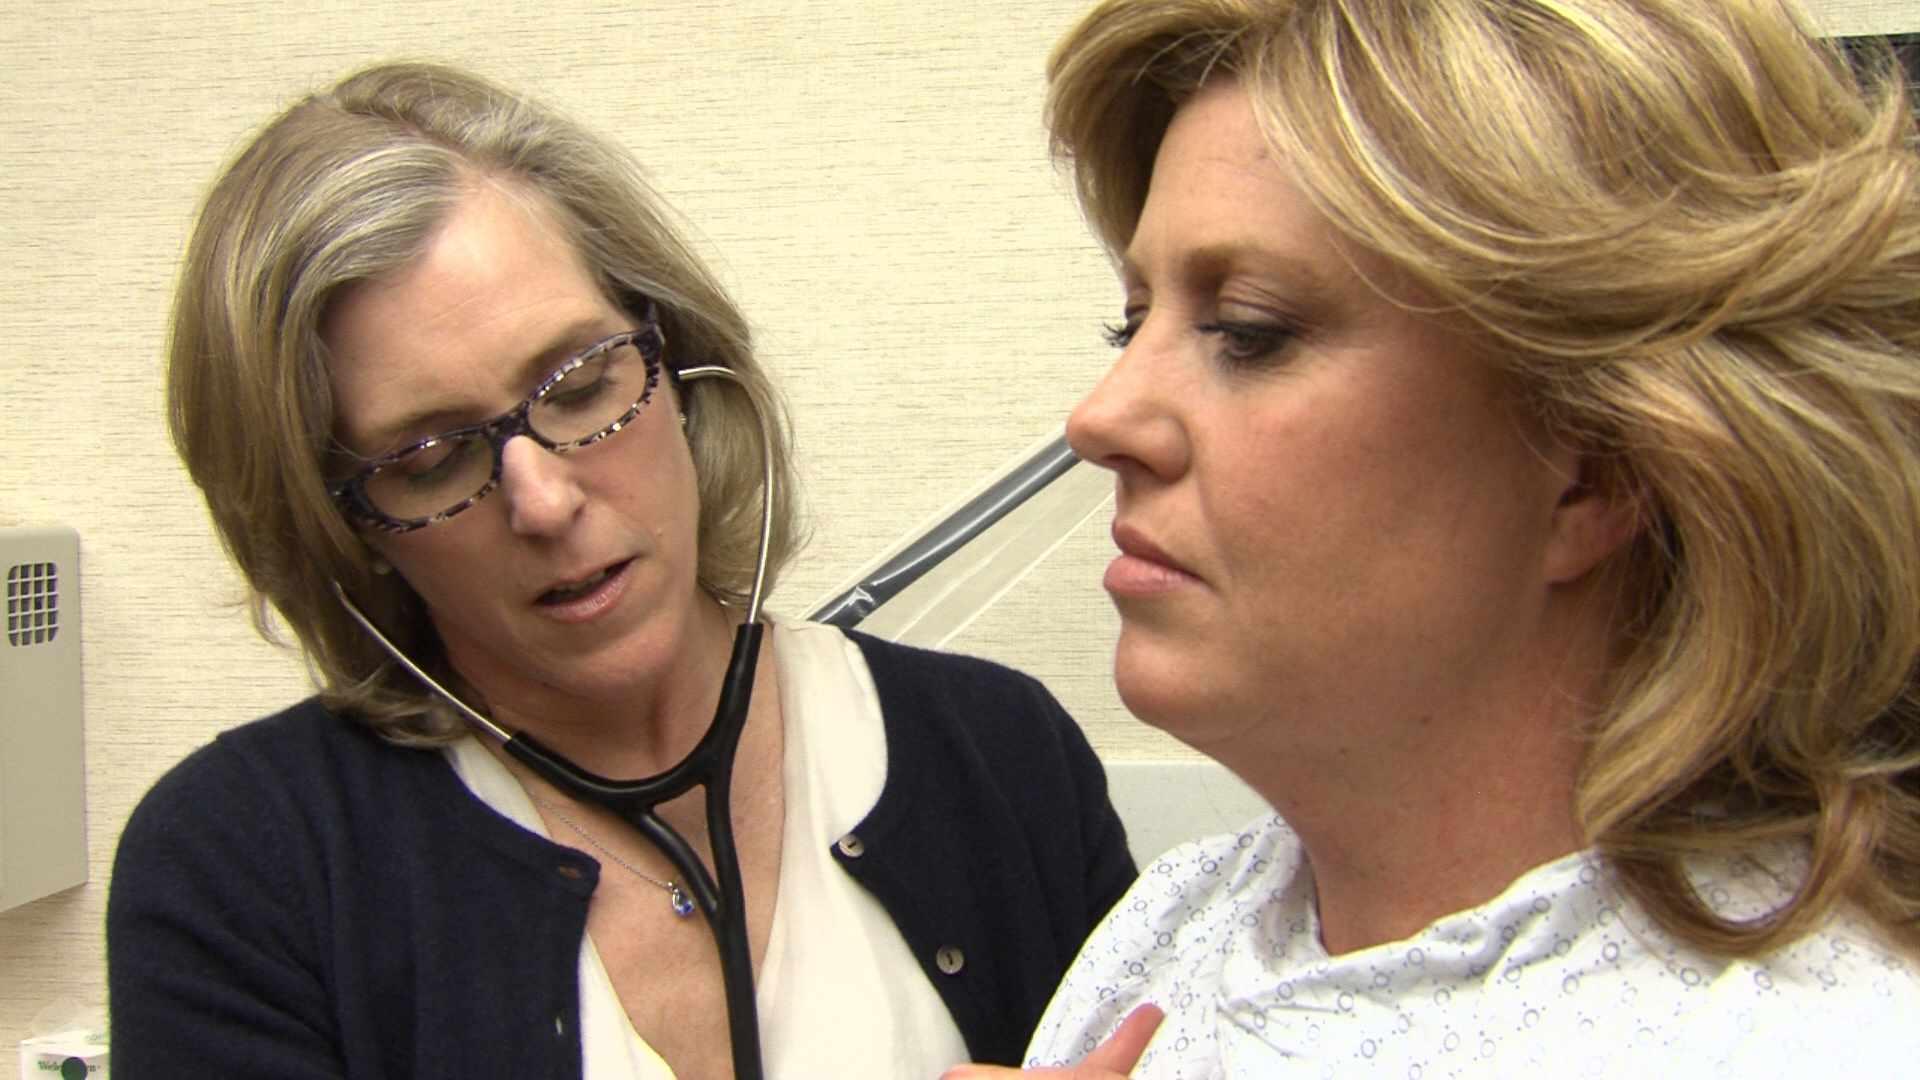 La Dra. Stephanie Faubion examina a una paciente